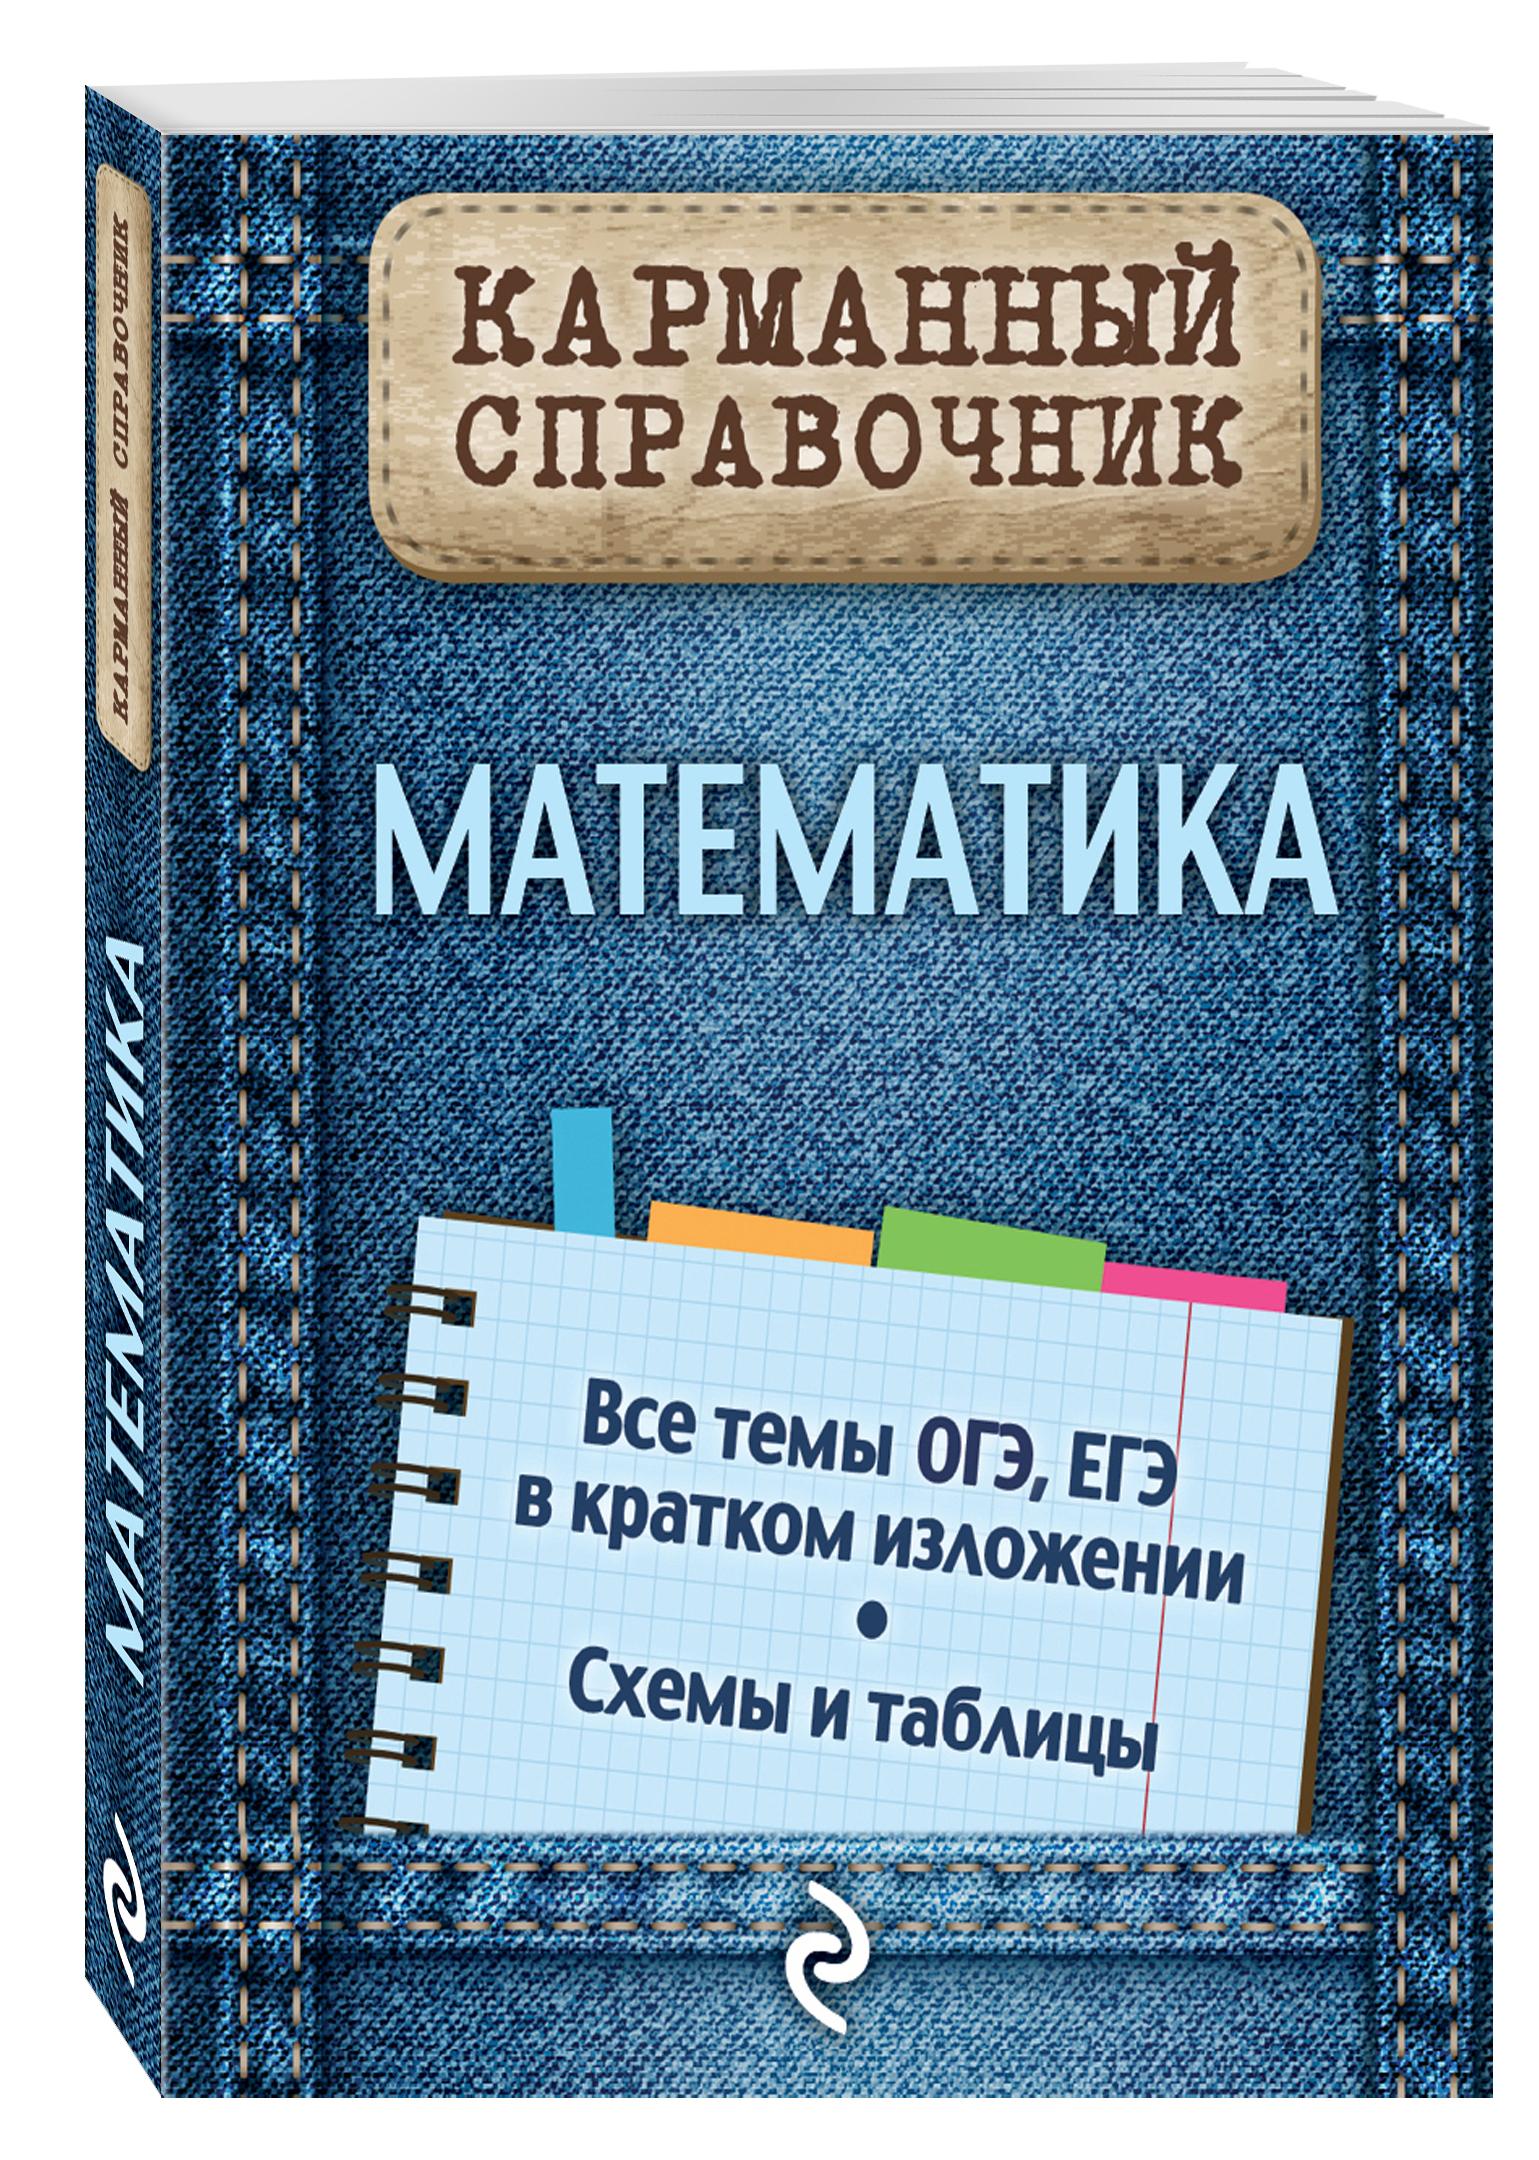 Математика ( Вербицкий Виктор Ильич  )